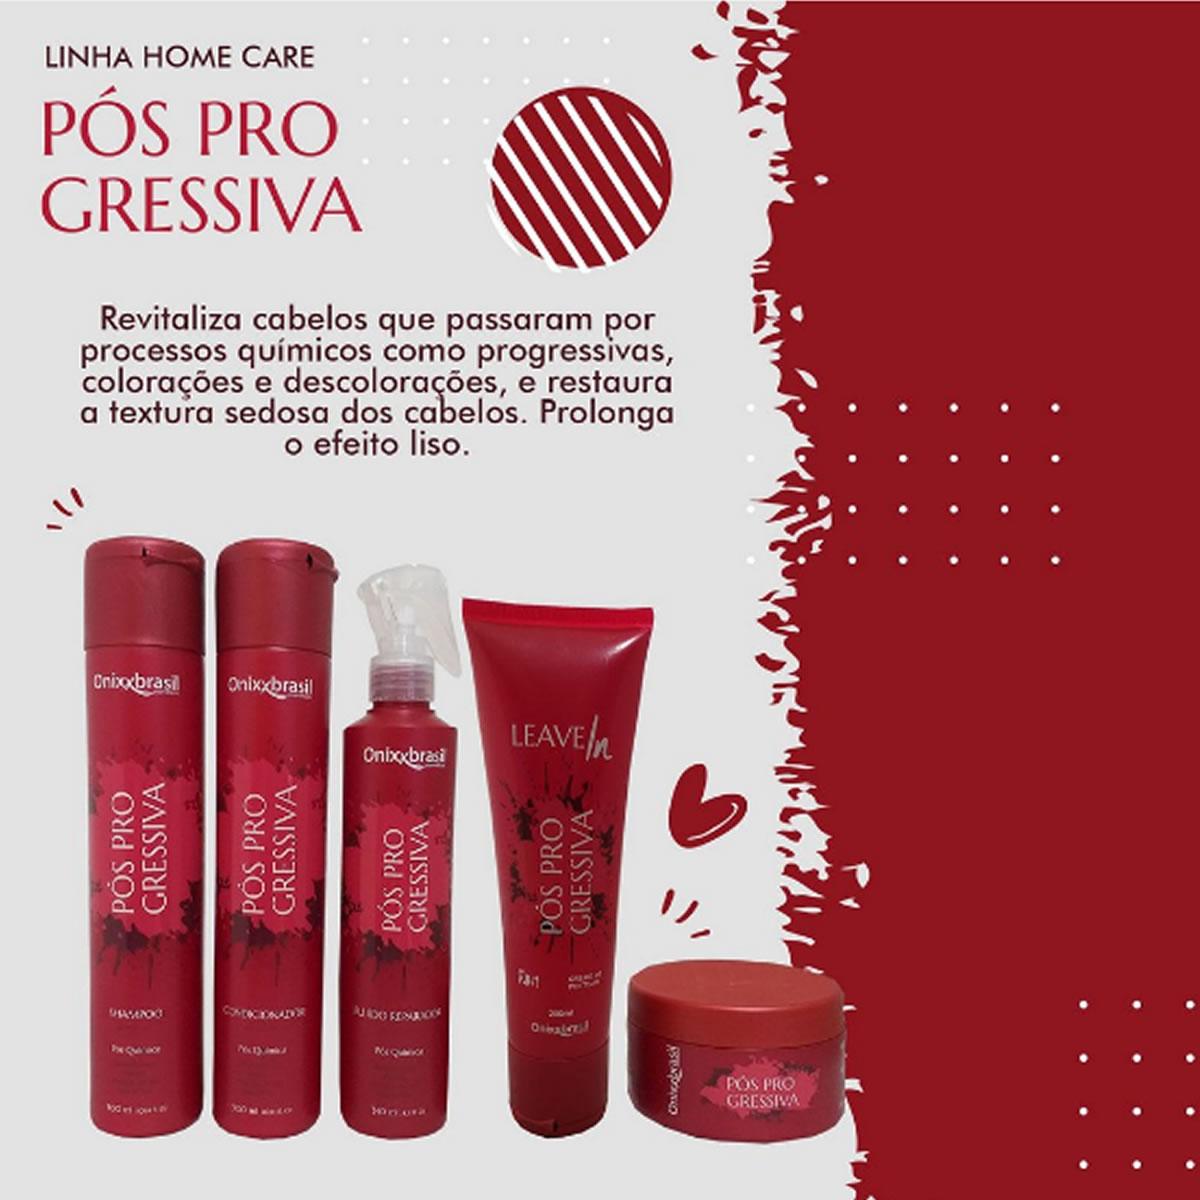 Leavein Pós Progressiva 250ml - Onixxbrasil